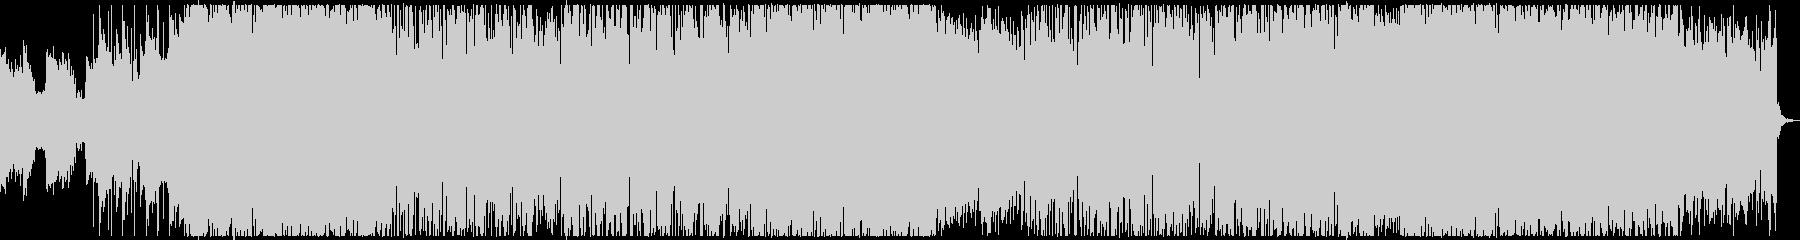 電子機器を使用した透明感のある曲の未再生の波形